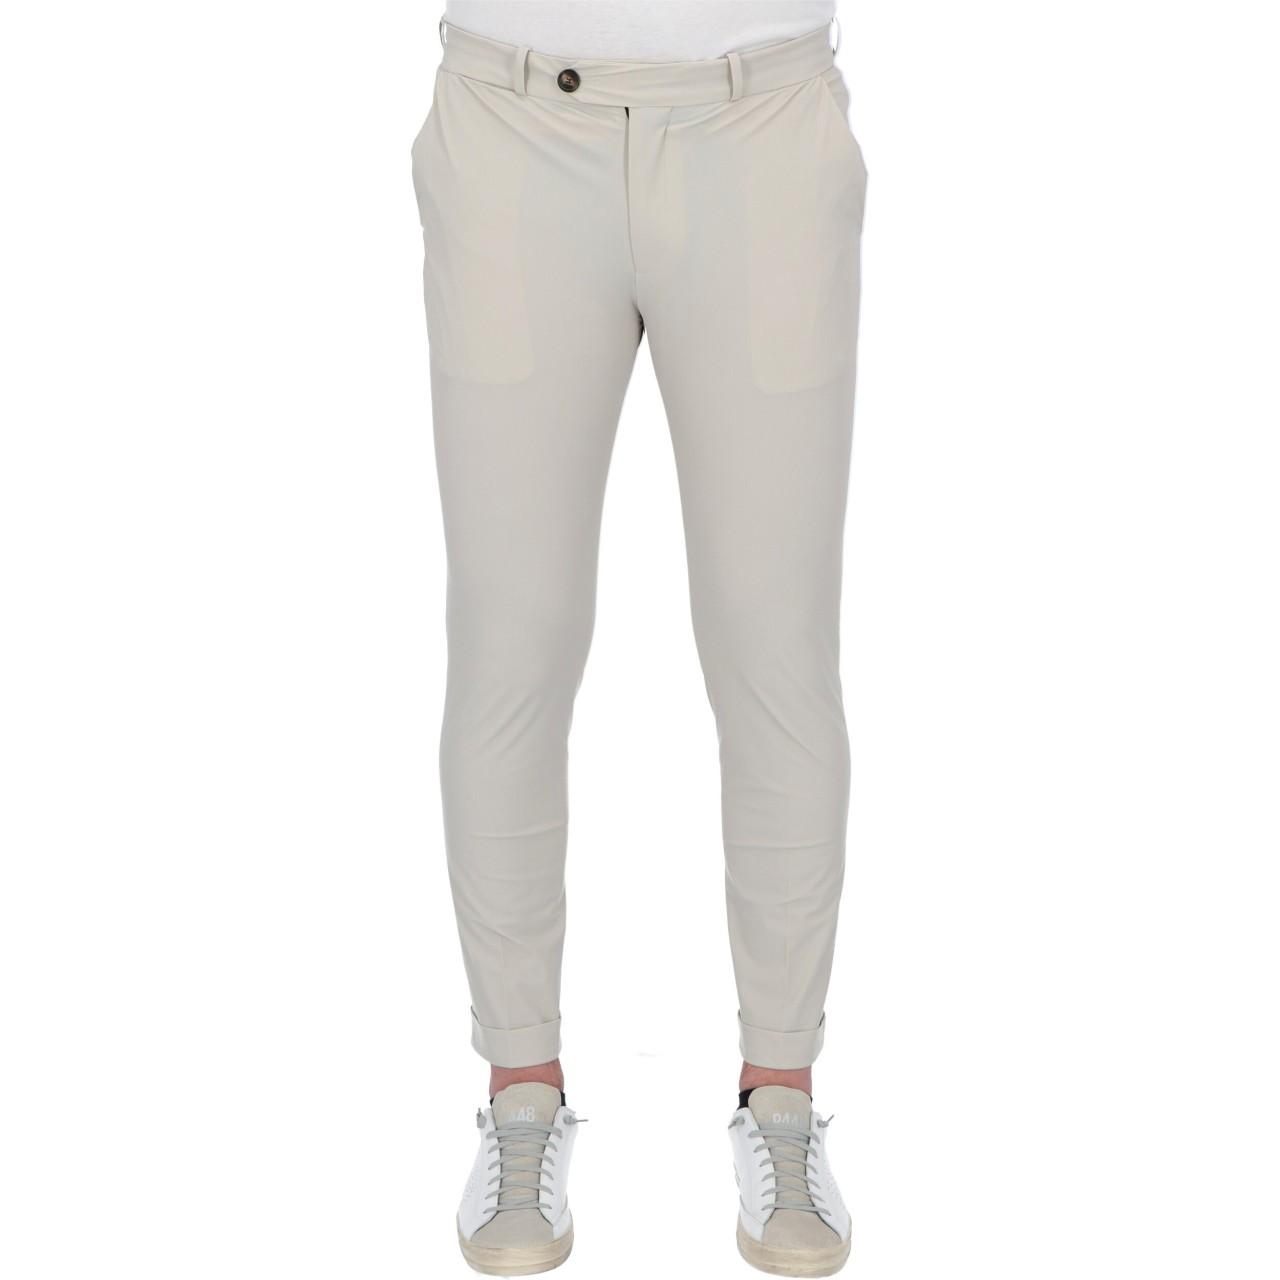 Rrd Uomo Pantalone Roberto Ricci Design Uomo Chino Stretch Rrd 21200P